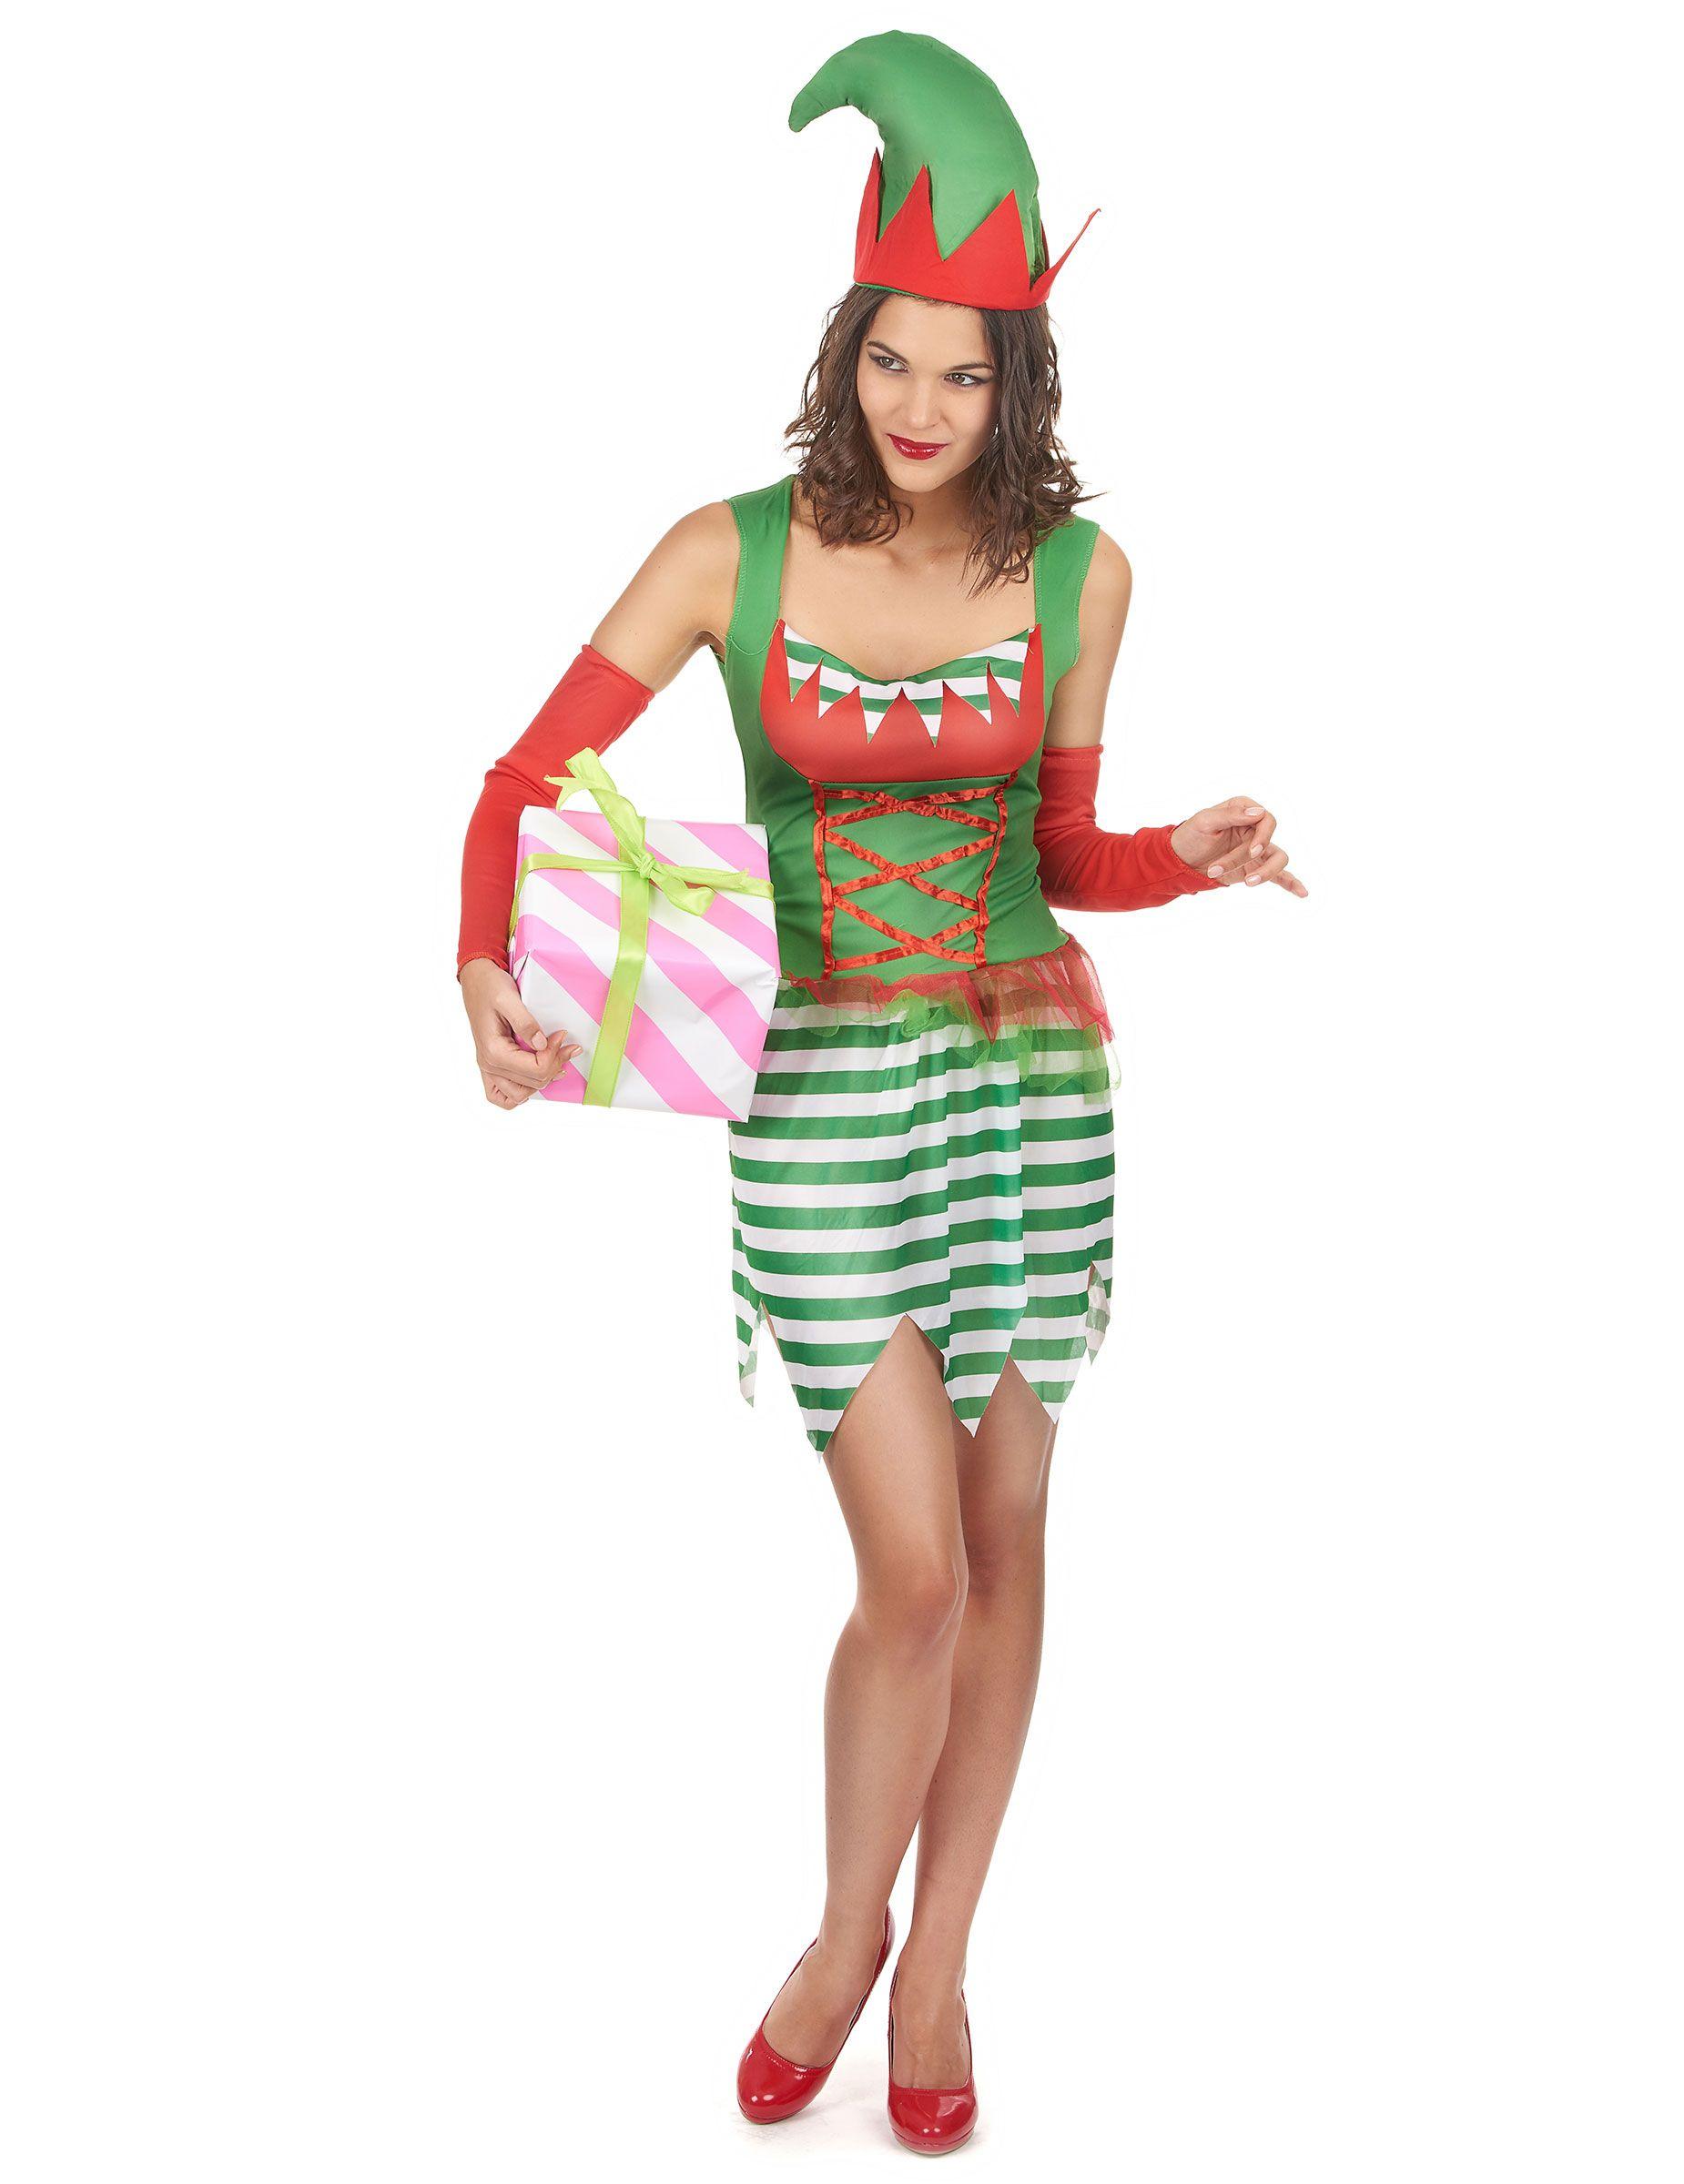 Faschingskostüme Frauen Elegant Die Besten 25 Kostüme Für Frauen Ideen Auf Pinterest